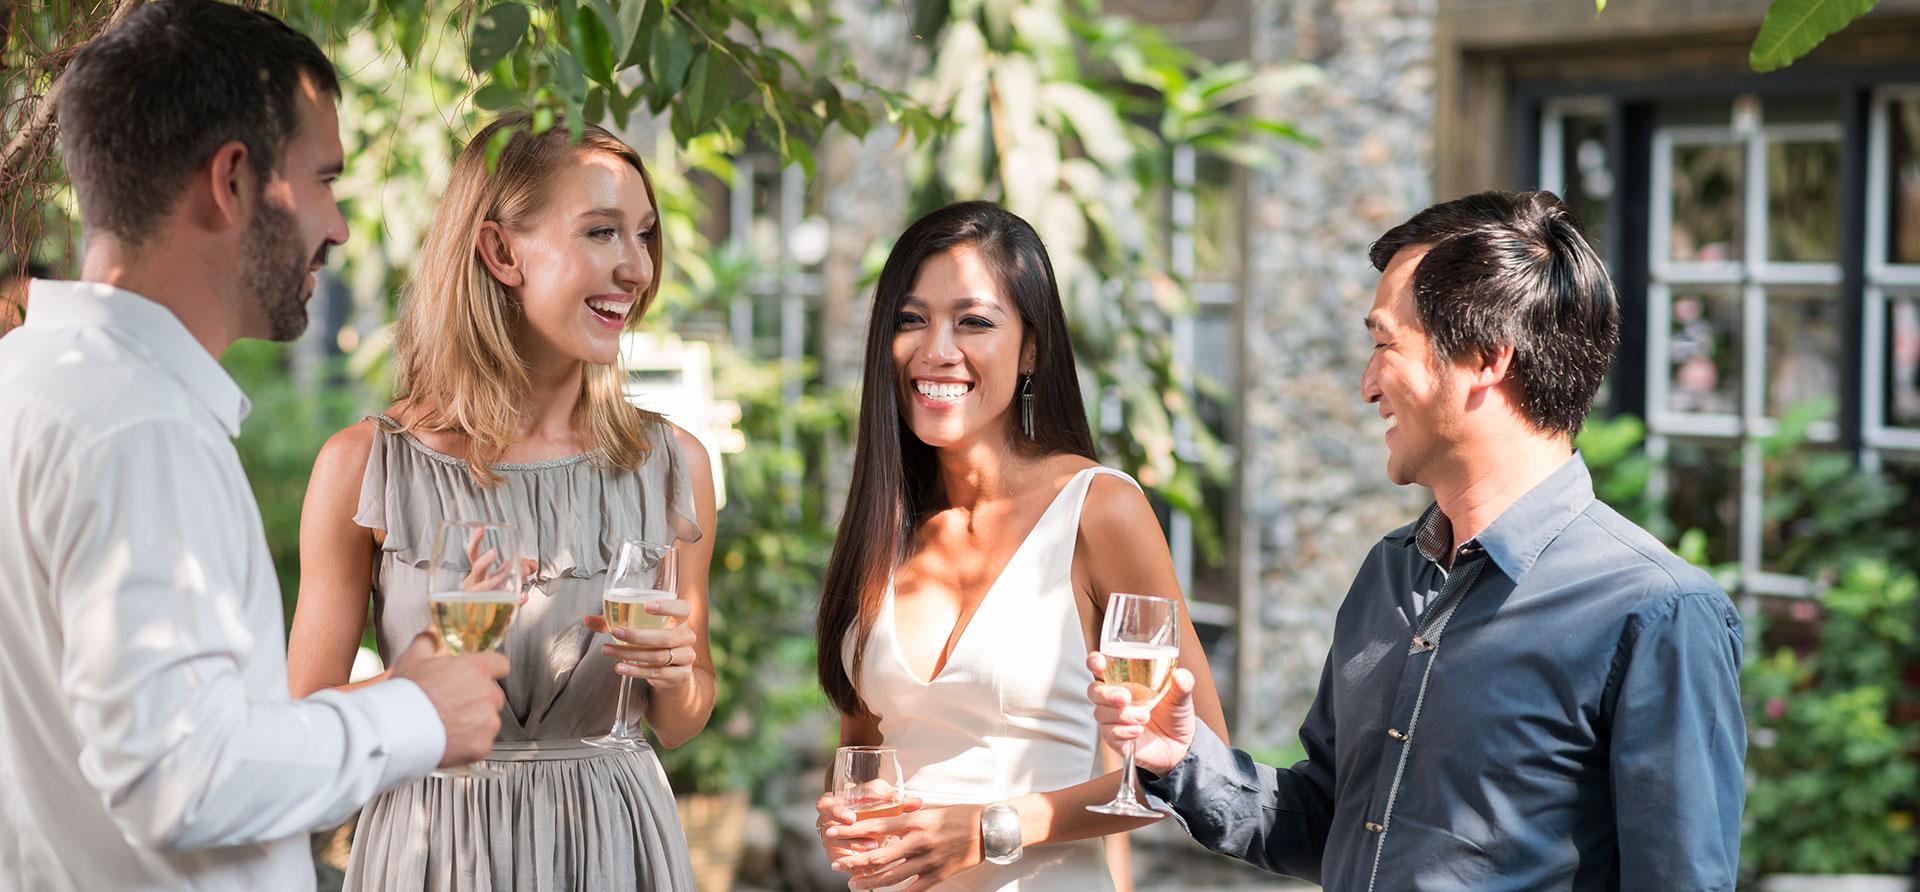 Bryllup: 11 tips til dit bryllup fra en nygift kvinde ALT.dk